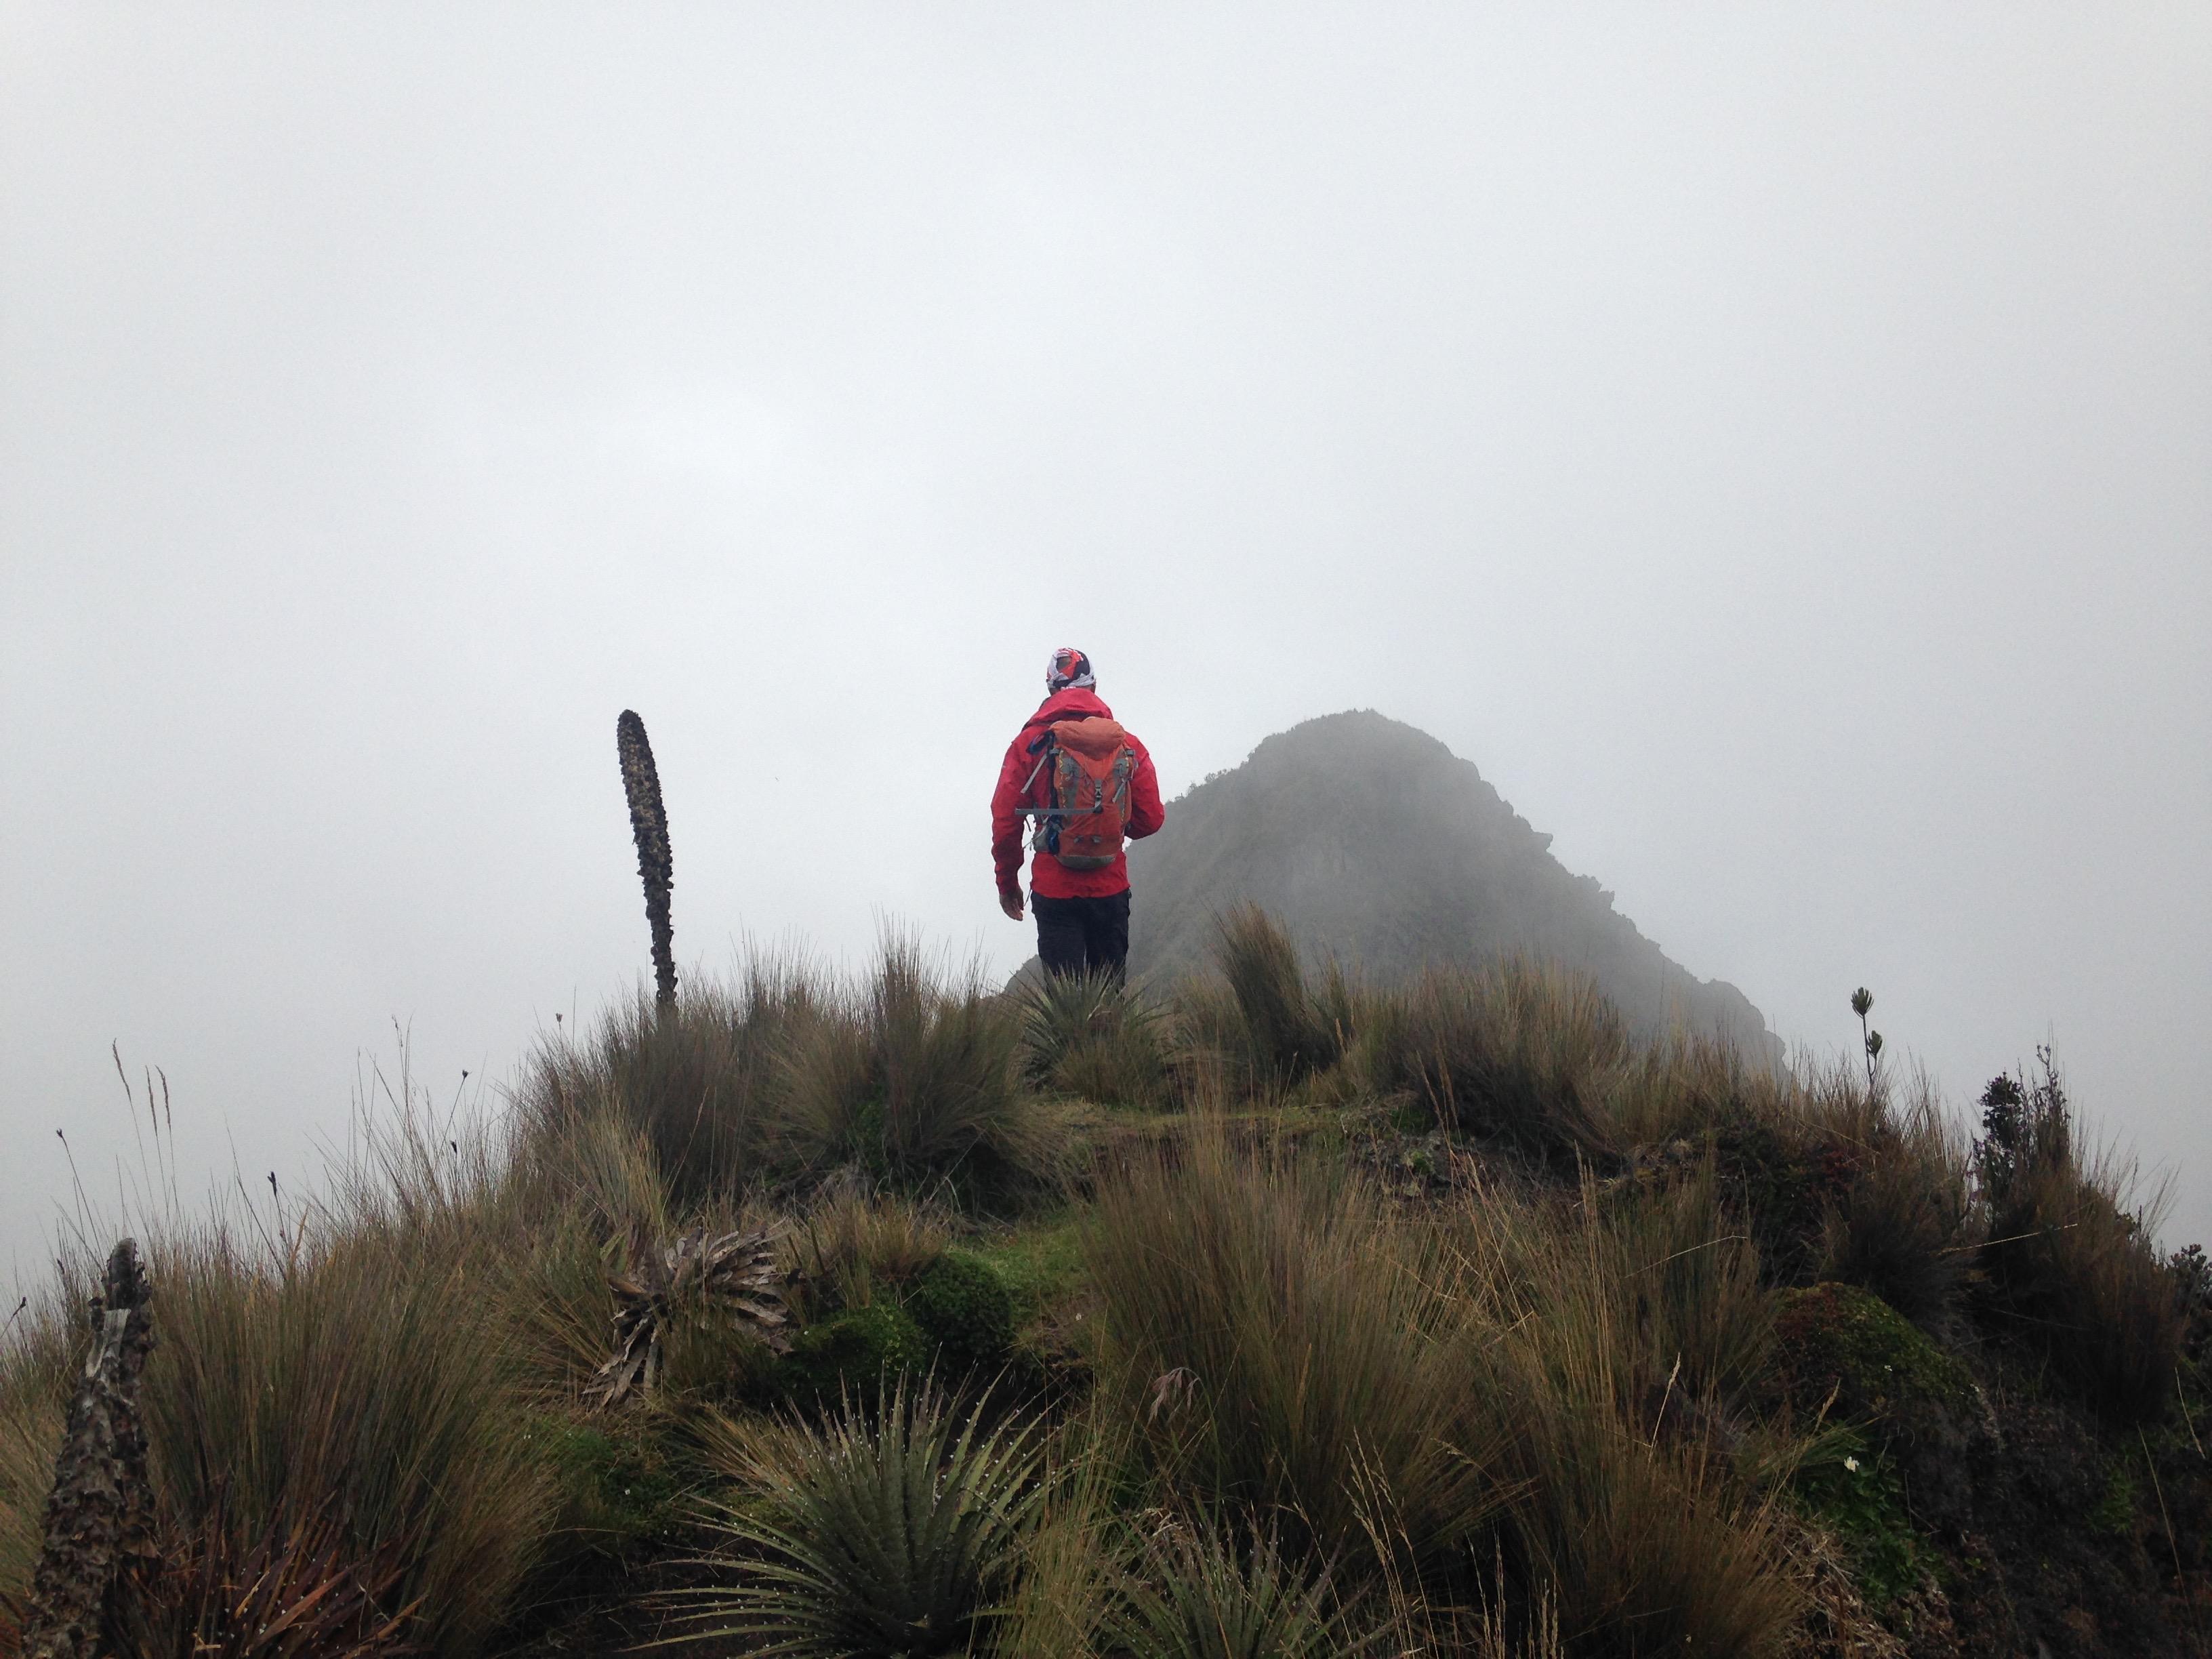 Végétation luxuriante au-delà de 4000 mètres